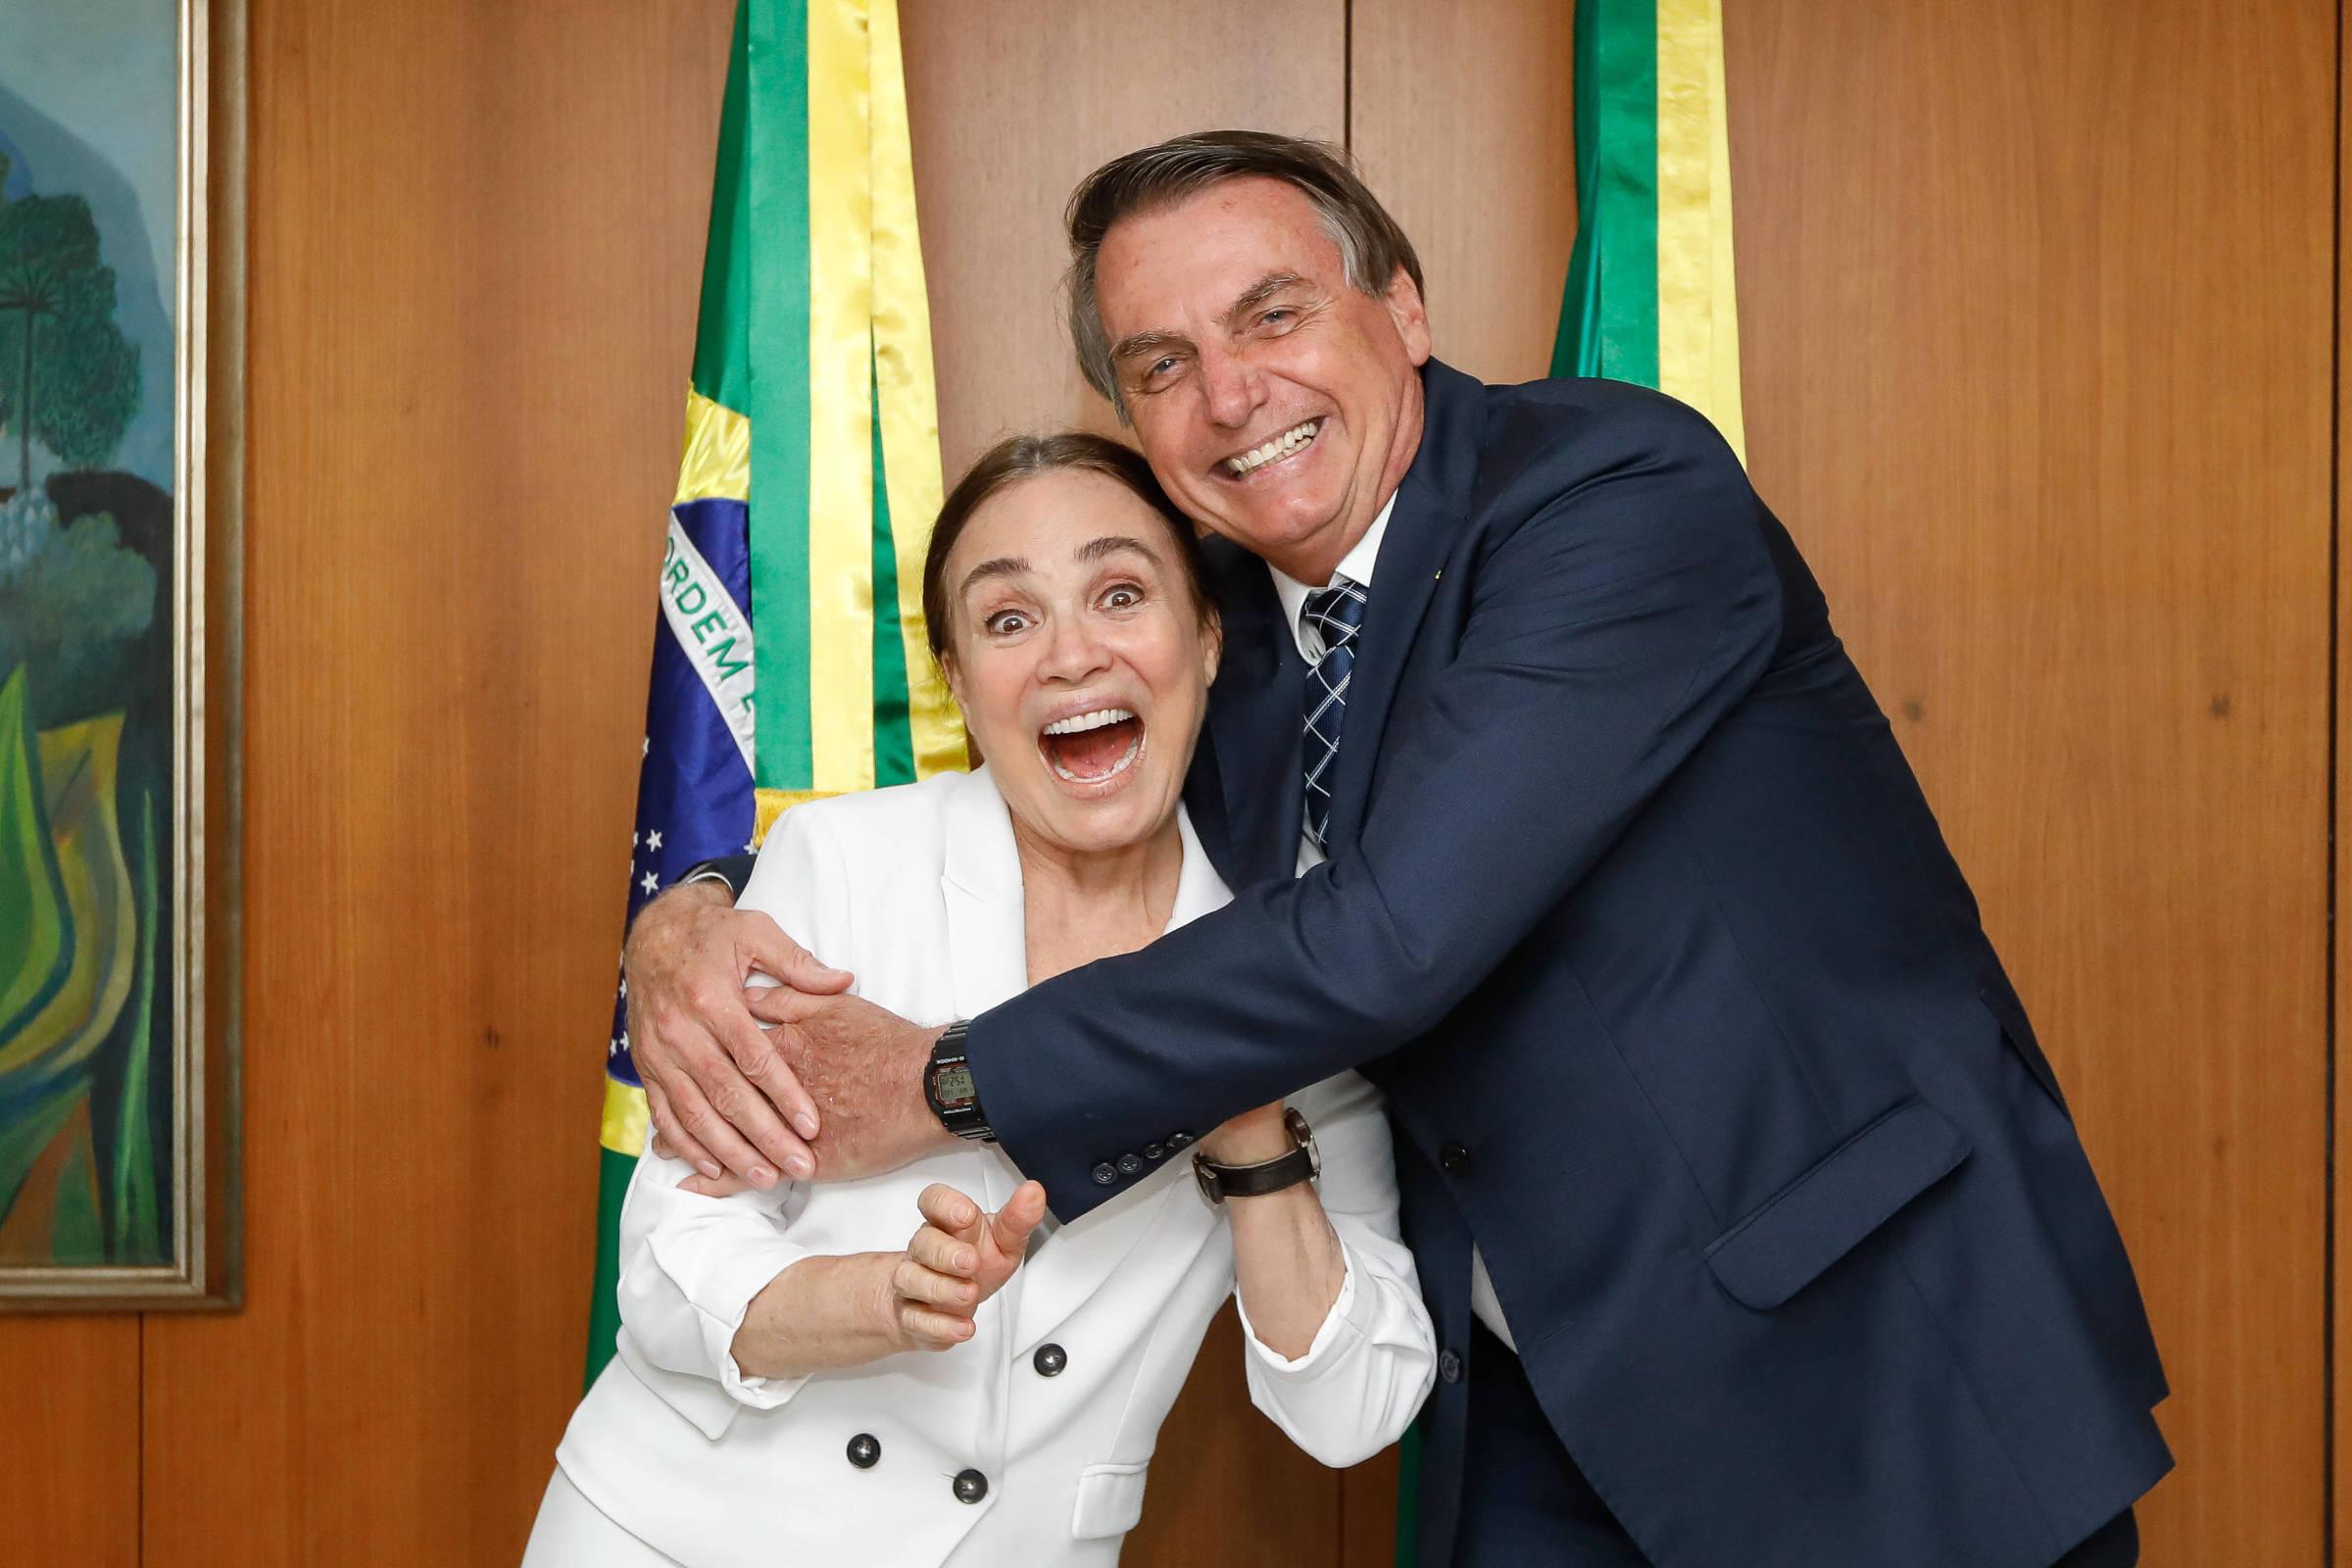 Será que Regina Duarte se apaixonou por Bolsonaro?, pergunta Daniel Filho